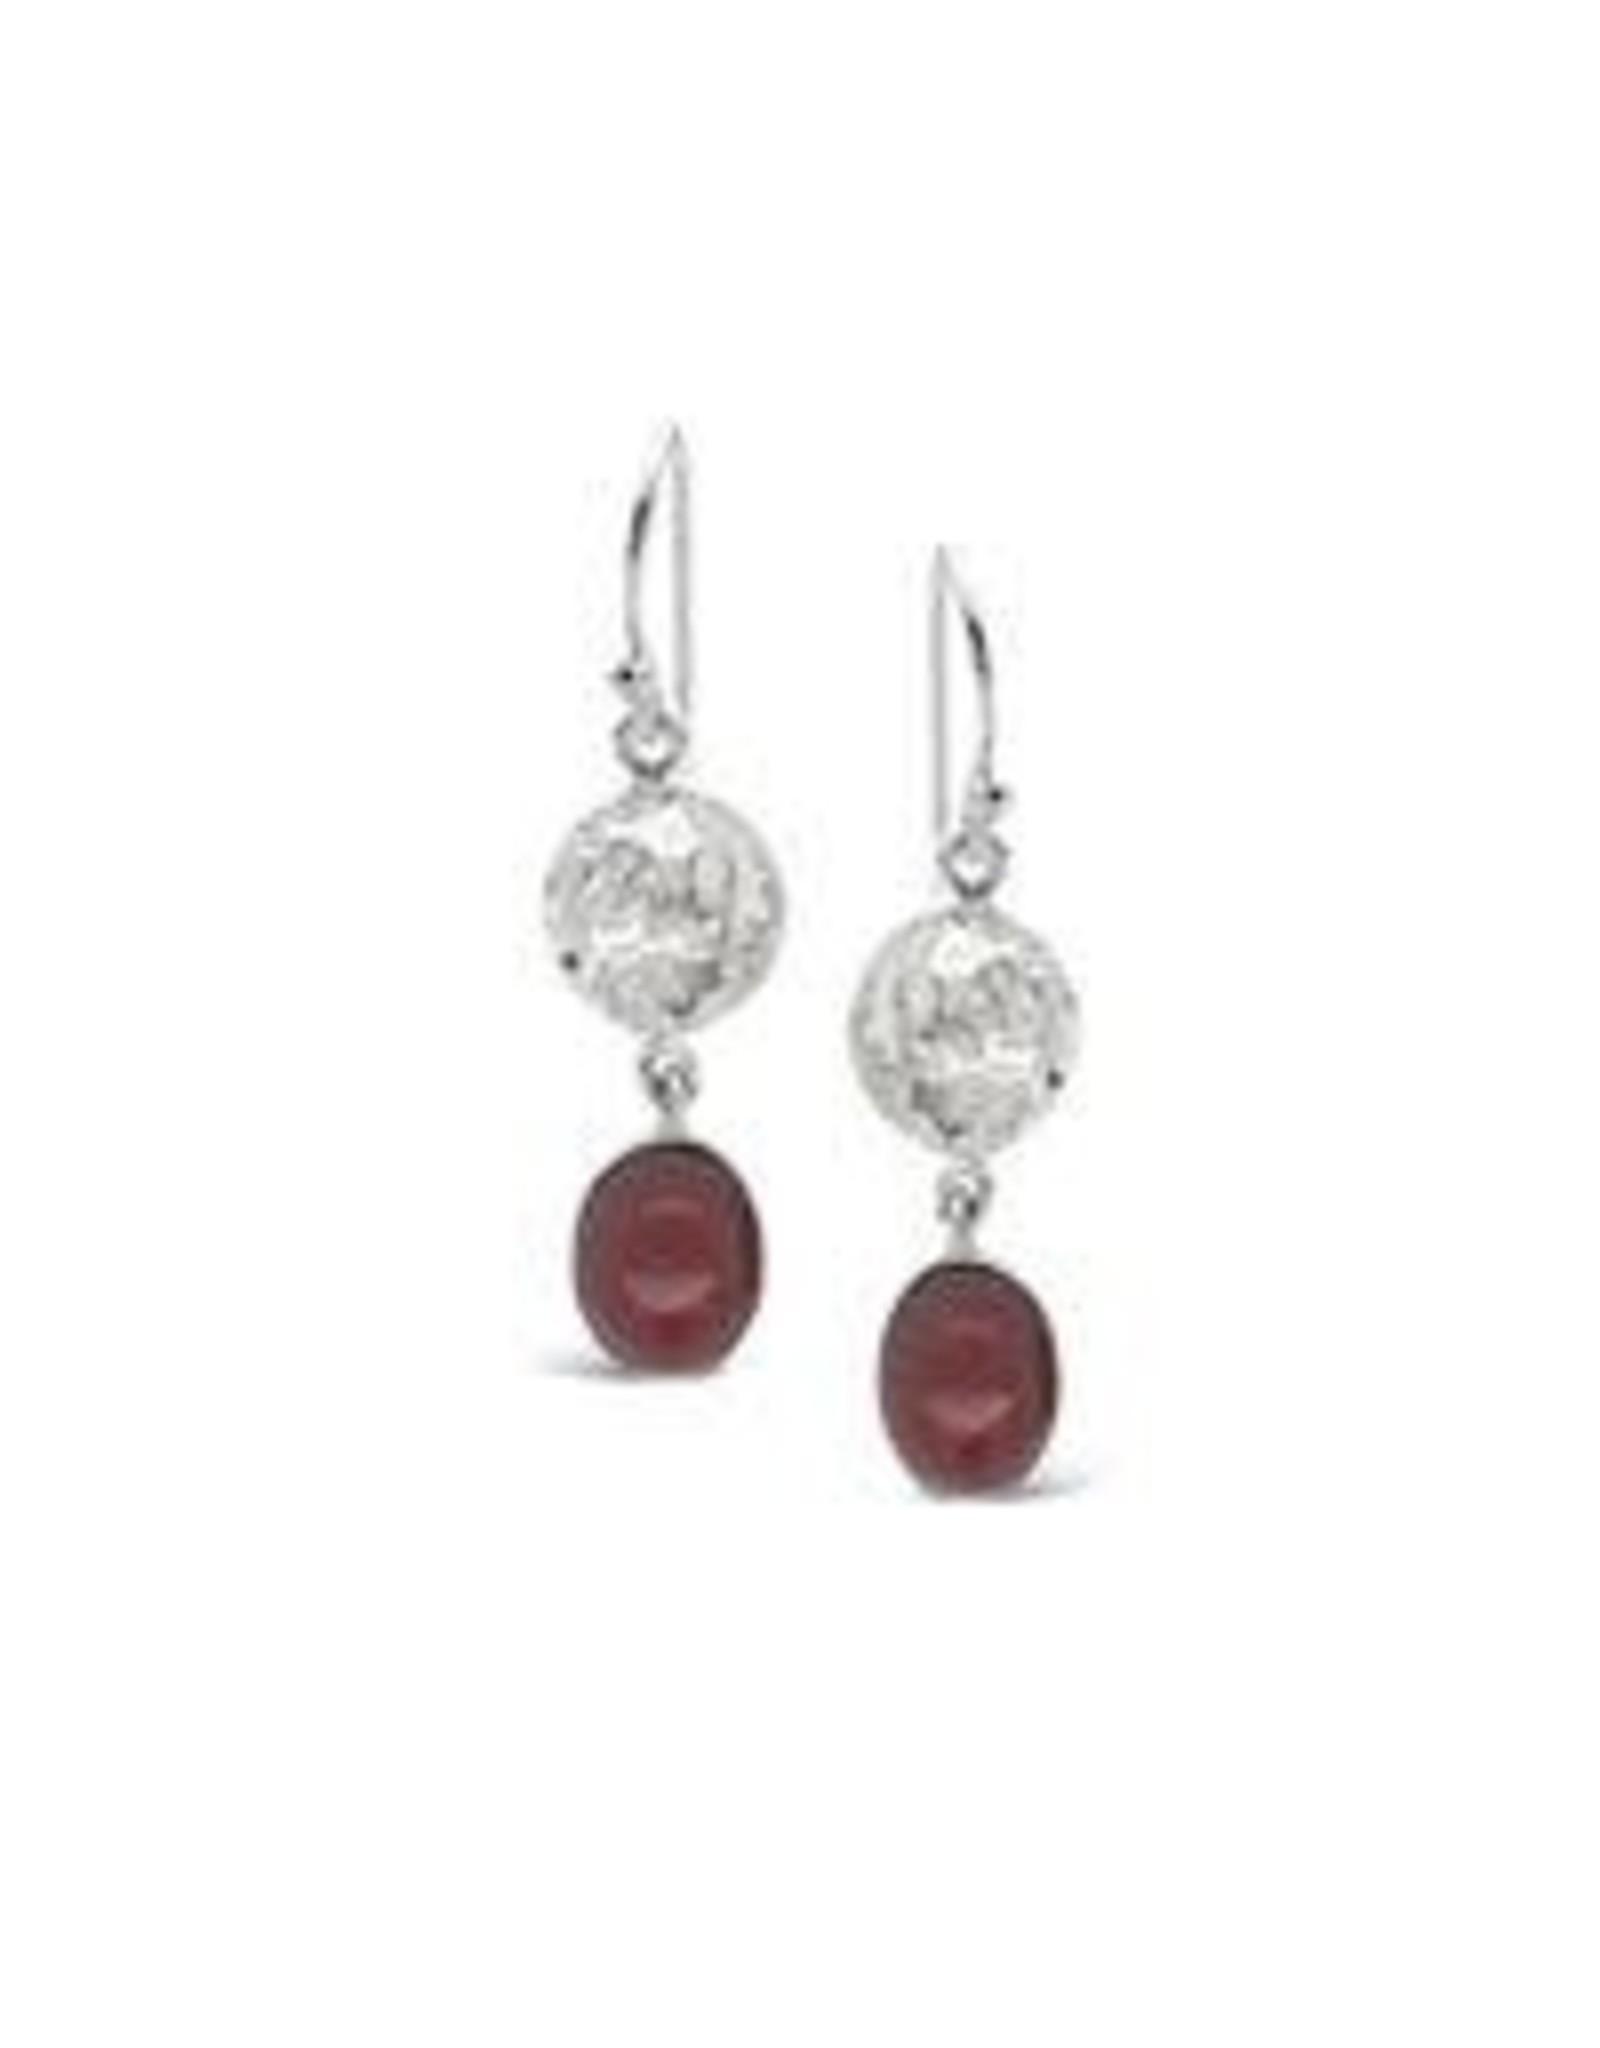 Beaten Earrings (925 Sterling Silver)